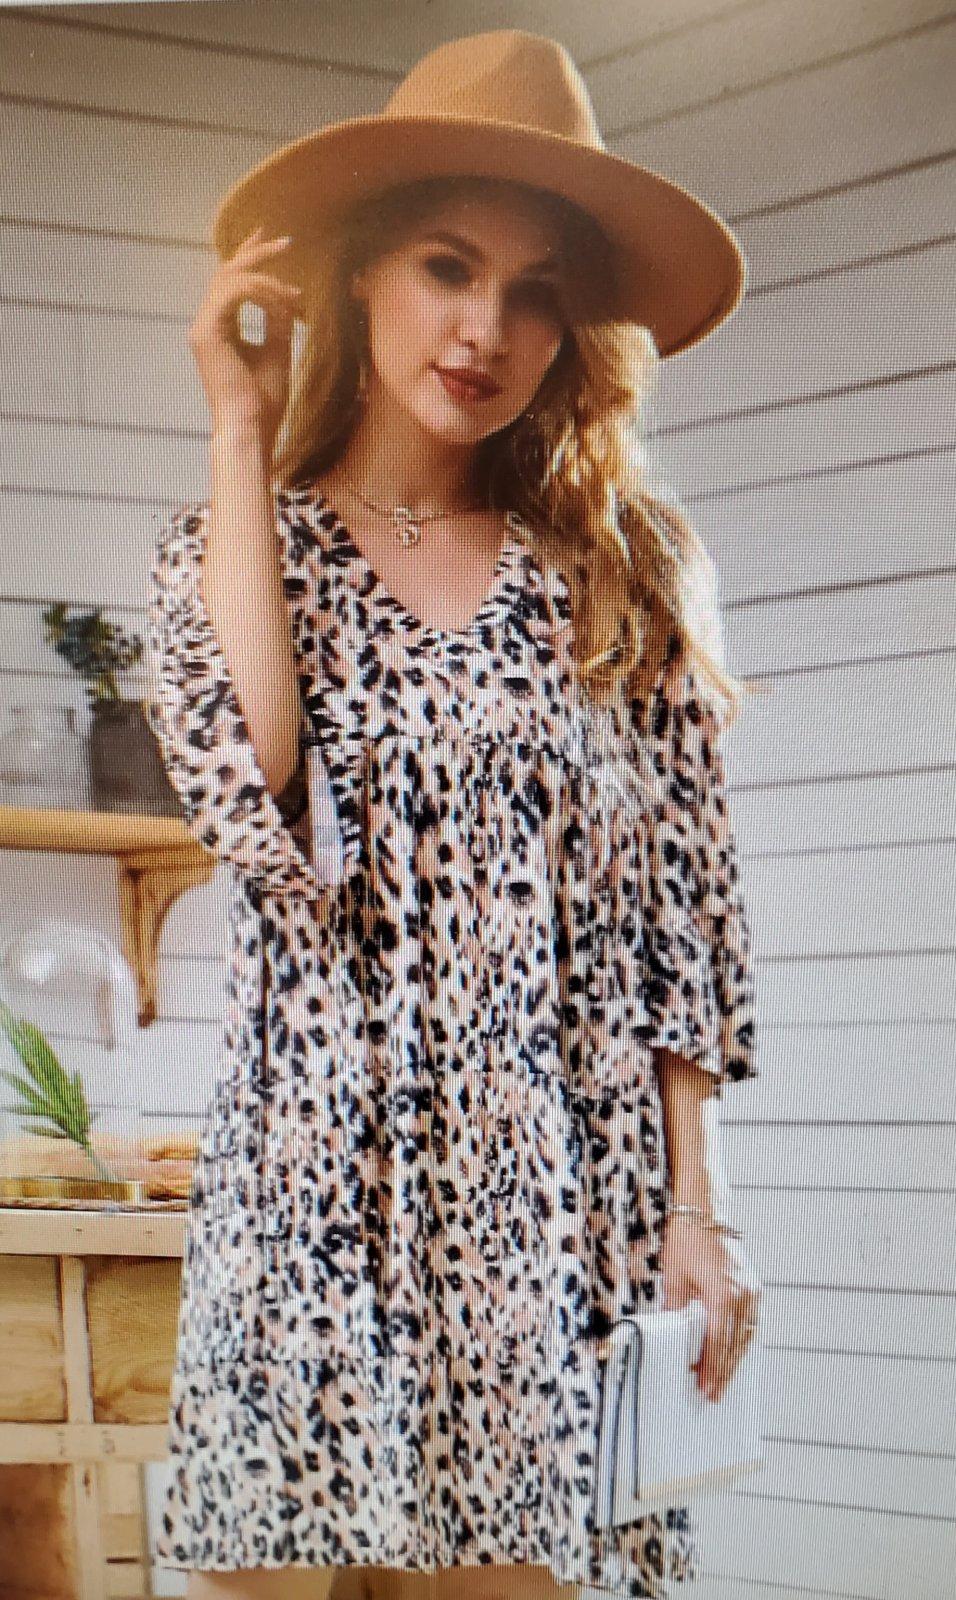 3 Tier Ruffled Dress Leopard